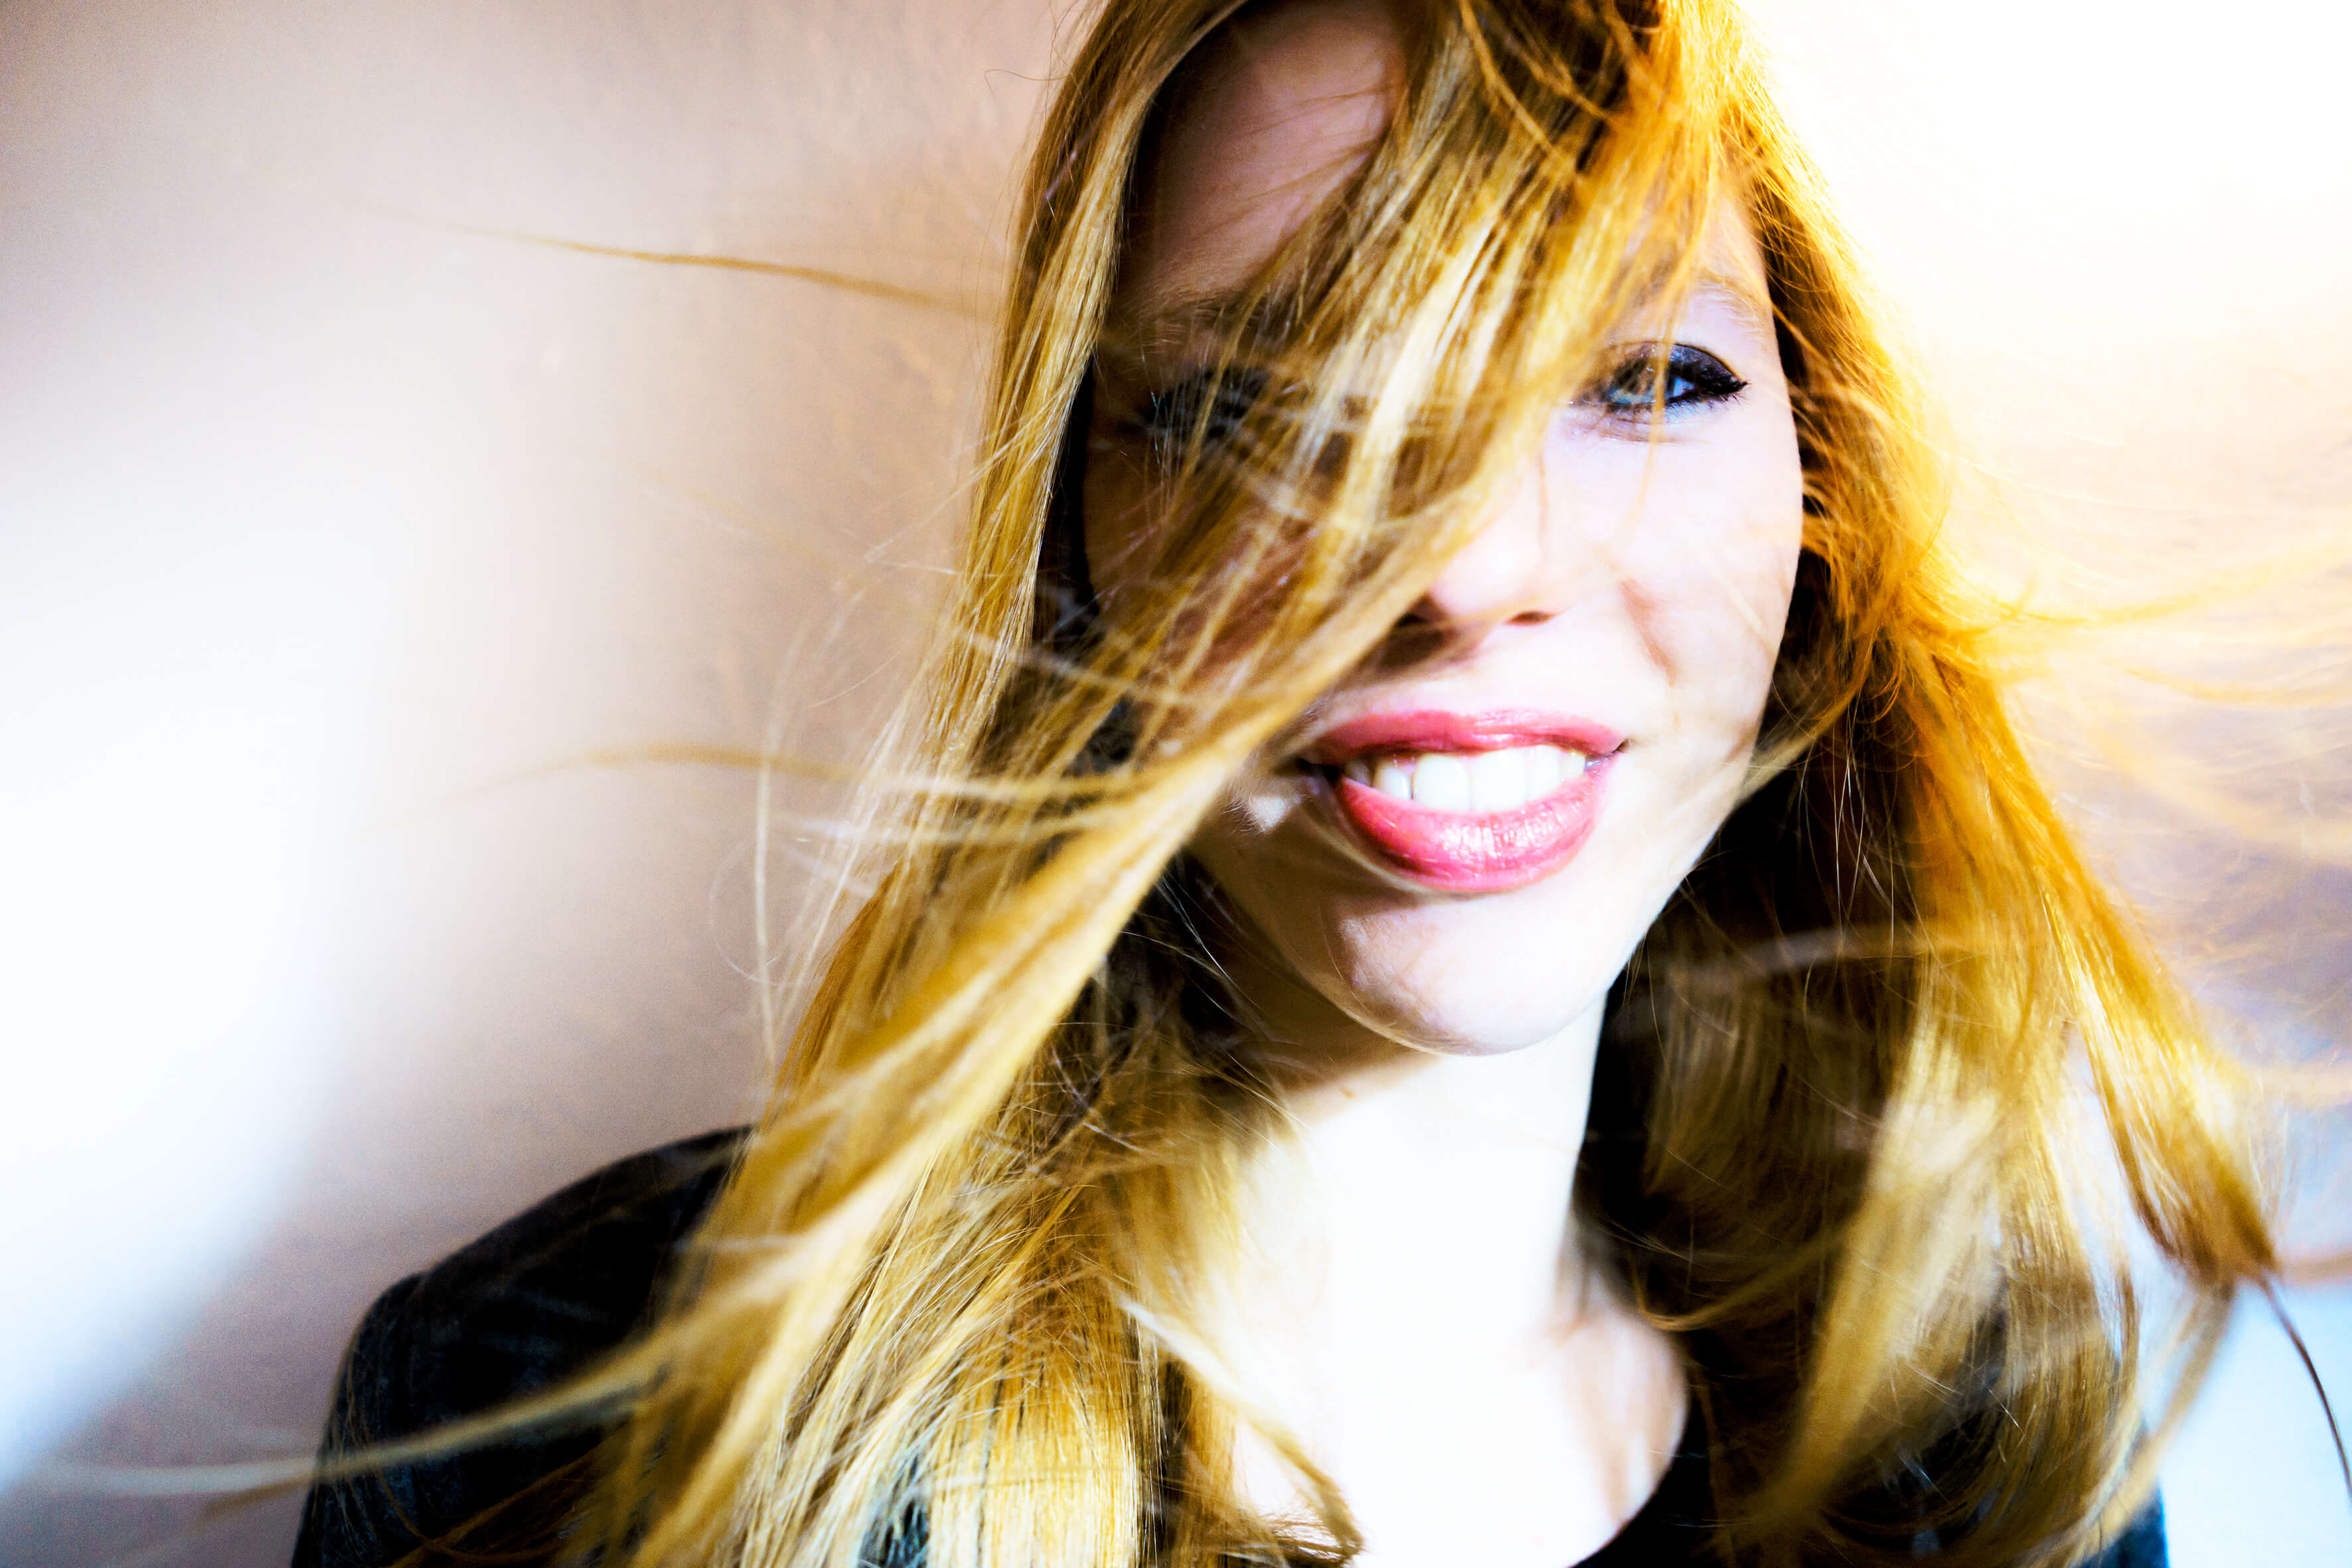 Model, Wind, Wind in Haaren, rote Haare, rothaarig, Portrait, Lachen, Blaue Augen, Freude, Gute Laune, fliegende Haare